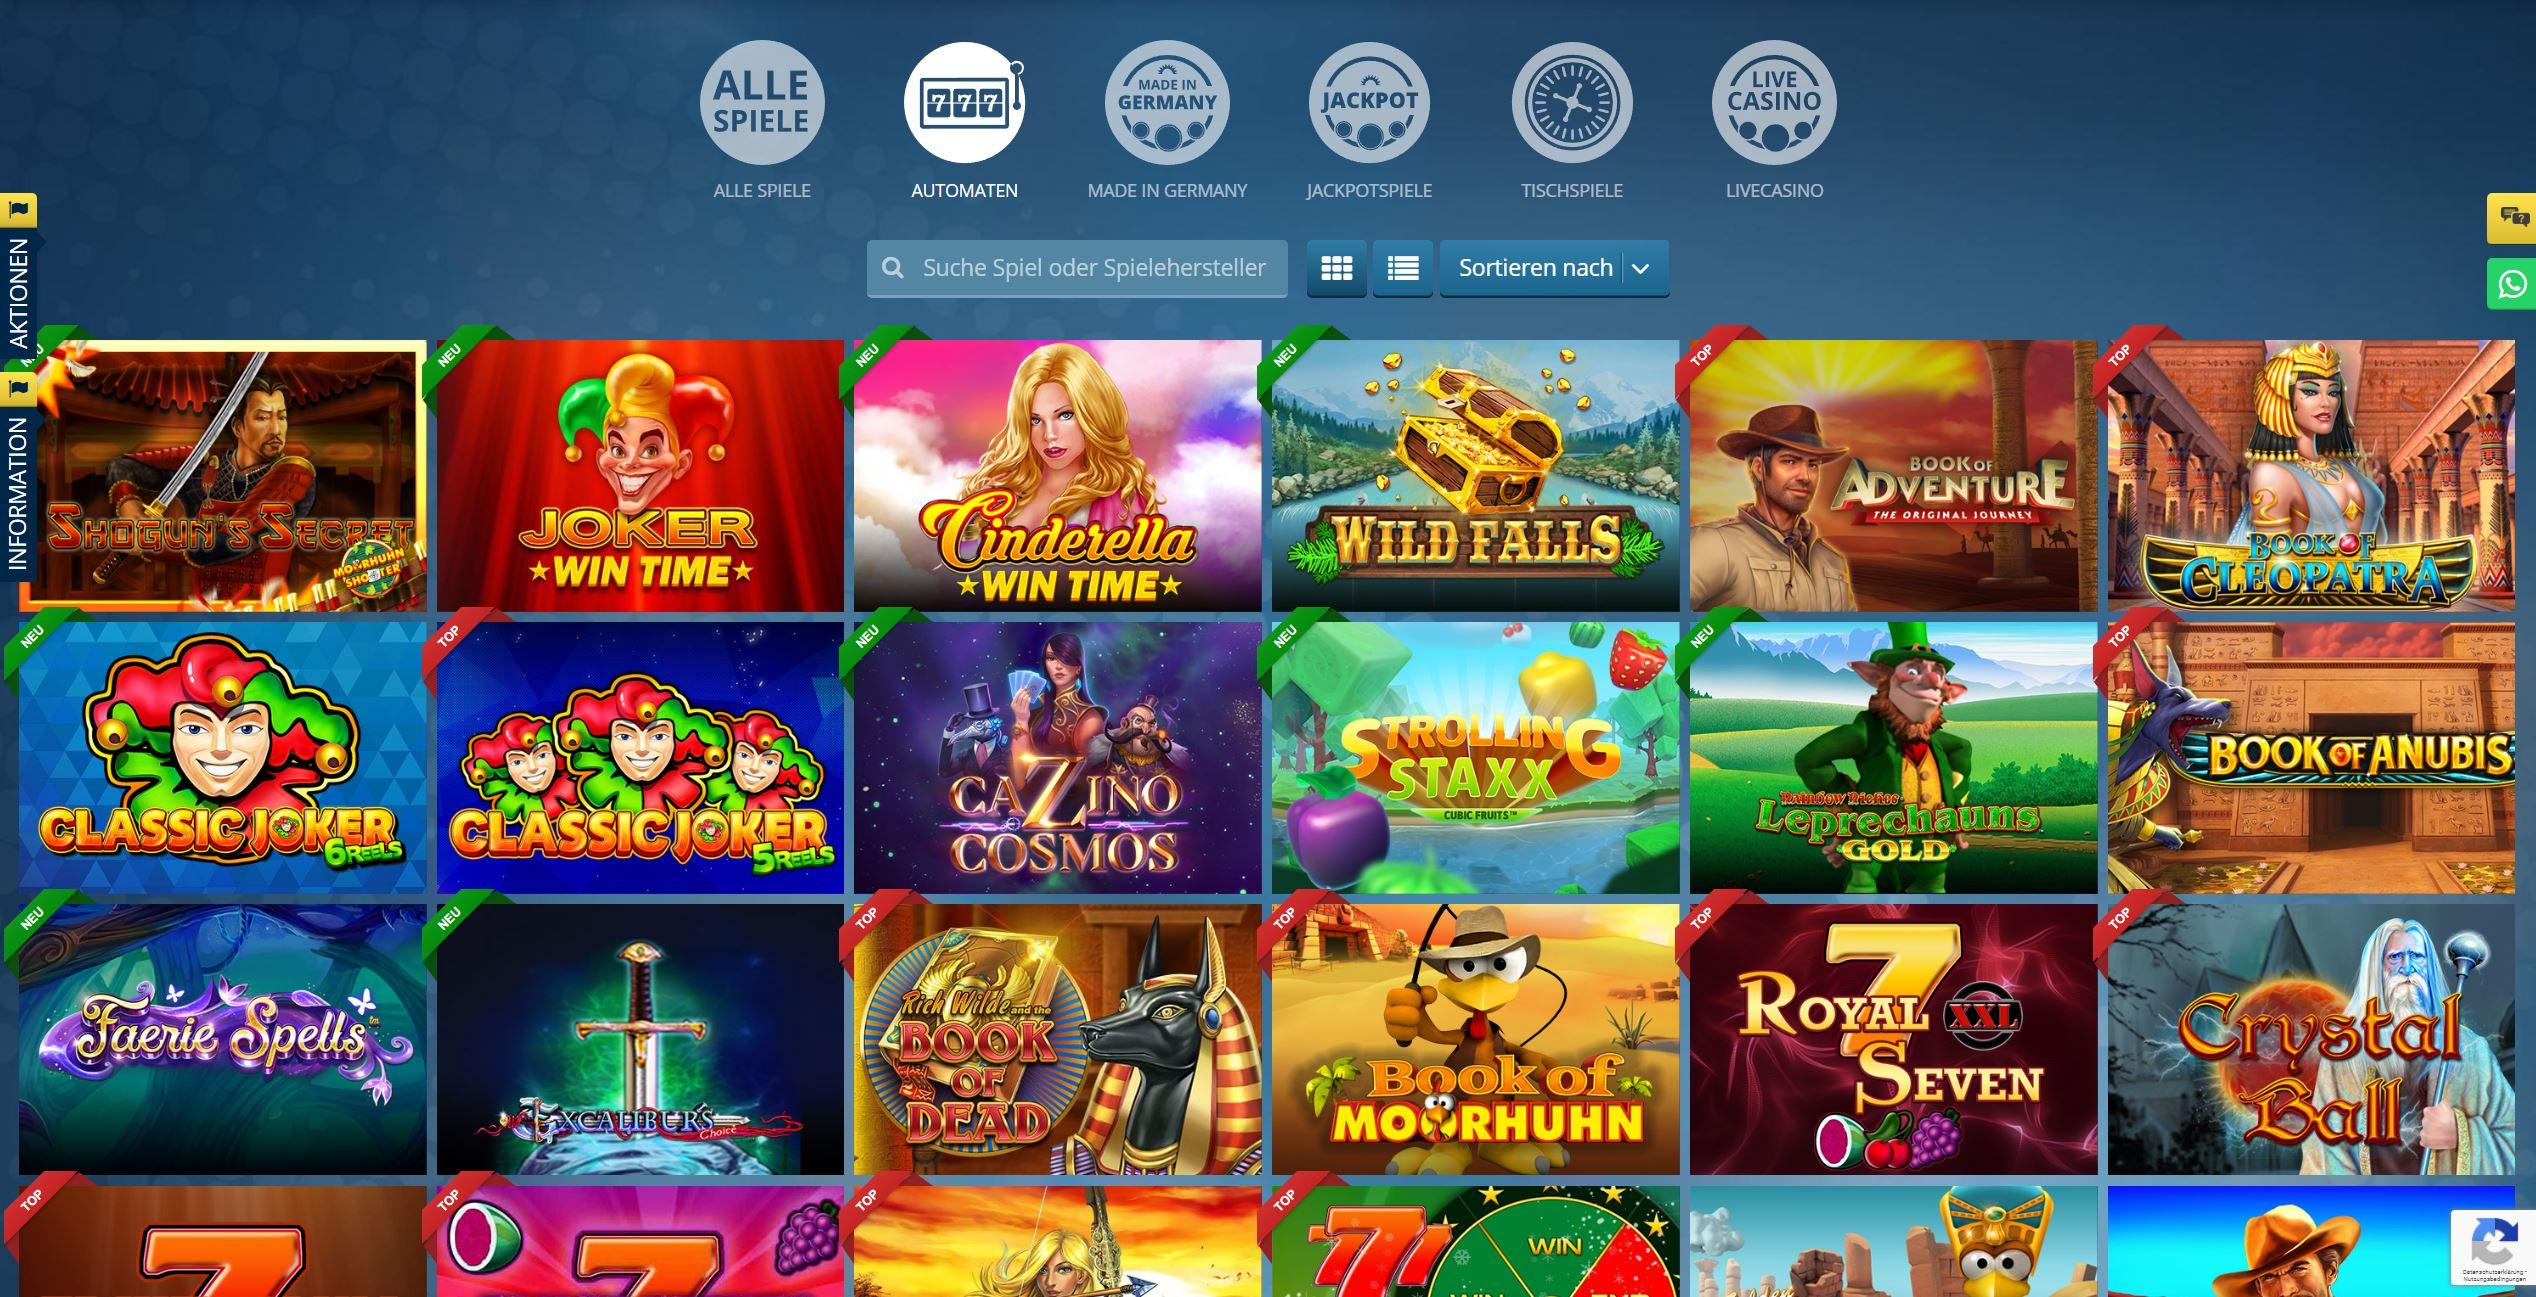 Merkur Casino Spiele Online Ohne Einzahlung Casino - Matkaromist